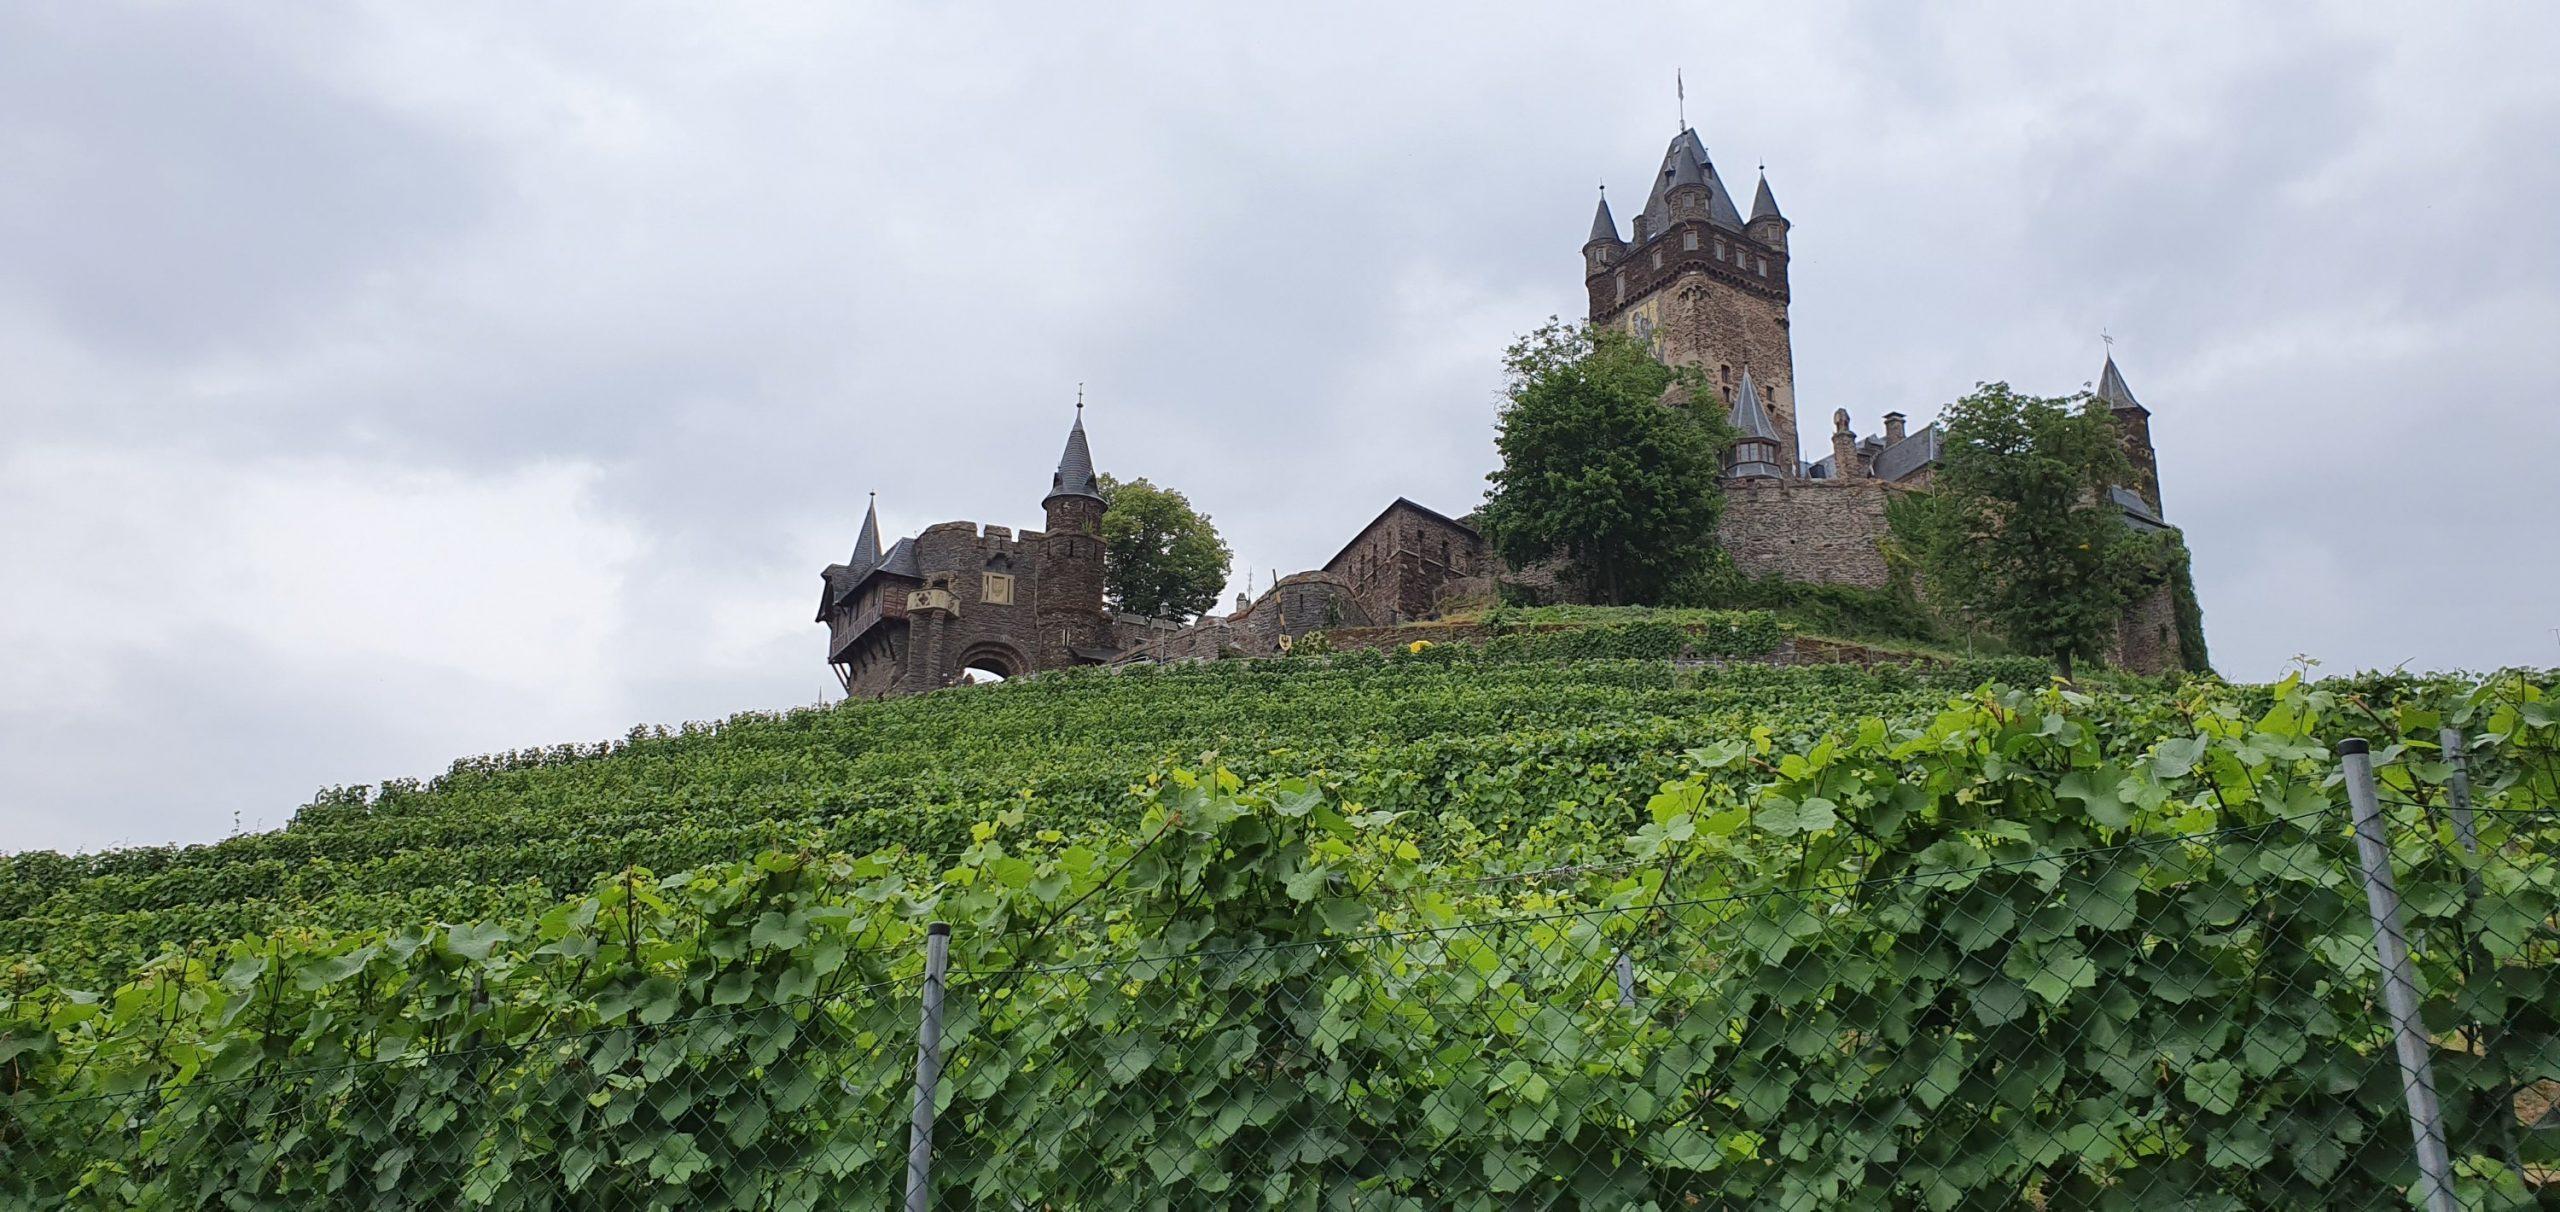 11 juillet : Château de Cochem